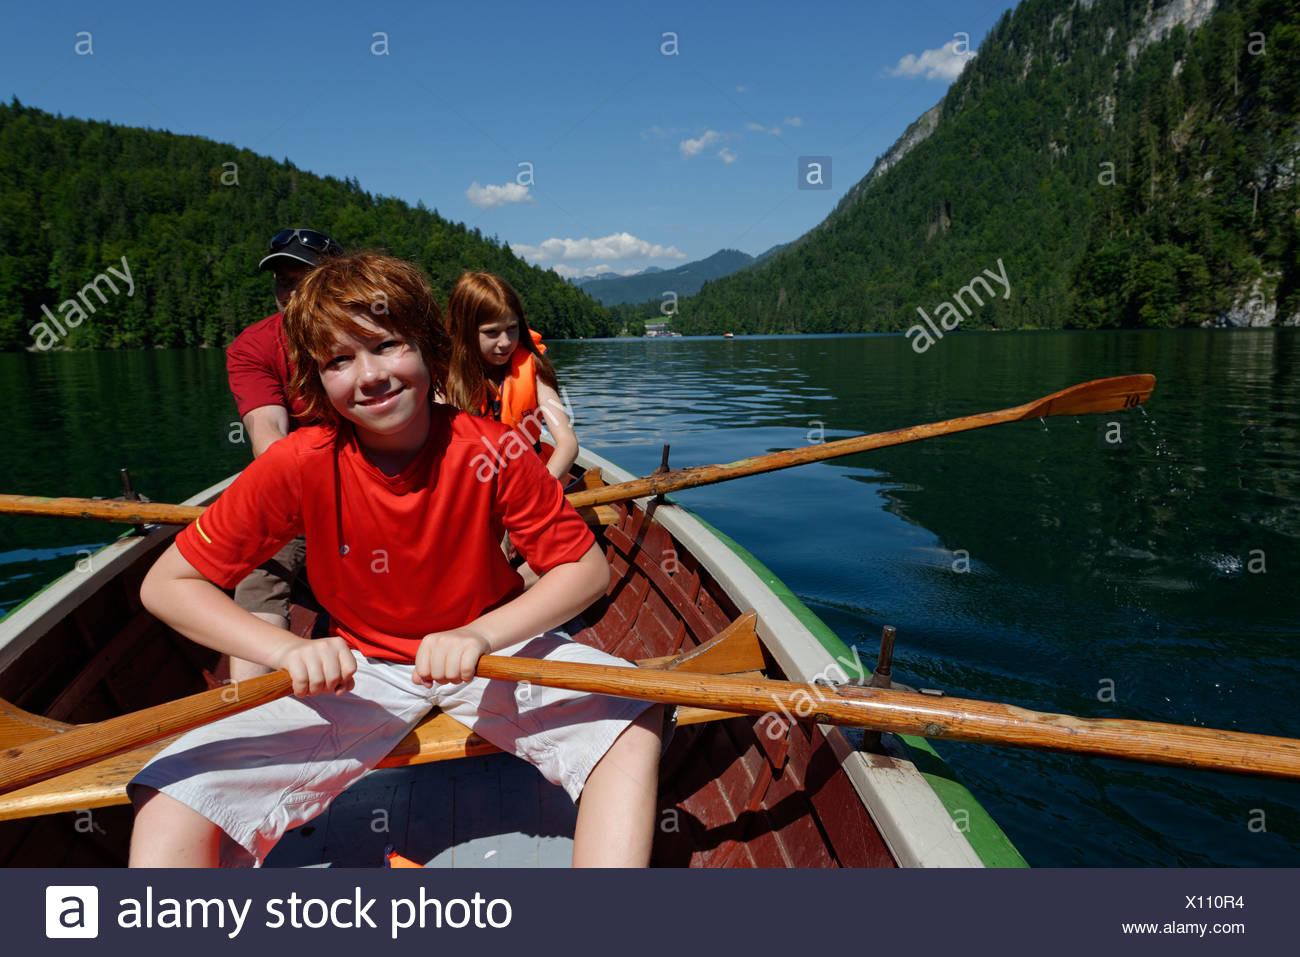 Les enfants dans un bateau à rames sur le lac Königssee, Berchtesgadener Land, district de Haute-bavière, Bavière, Allemagne Photo Stock